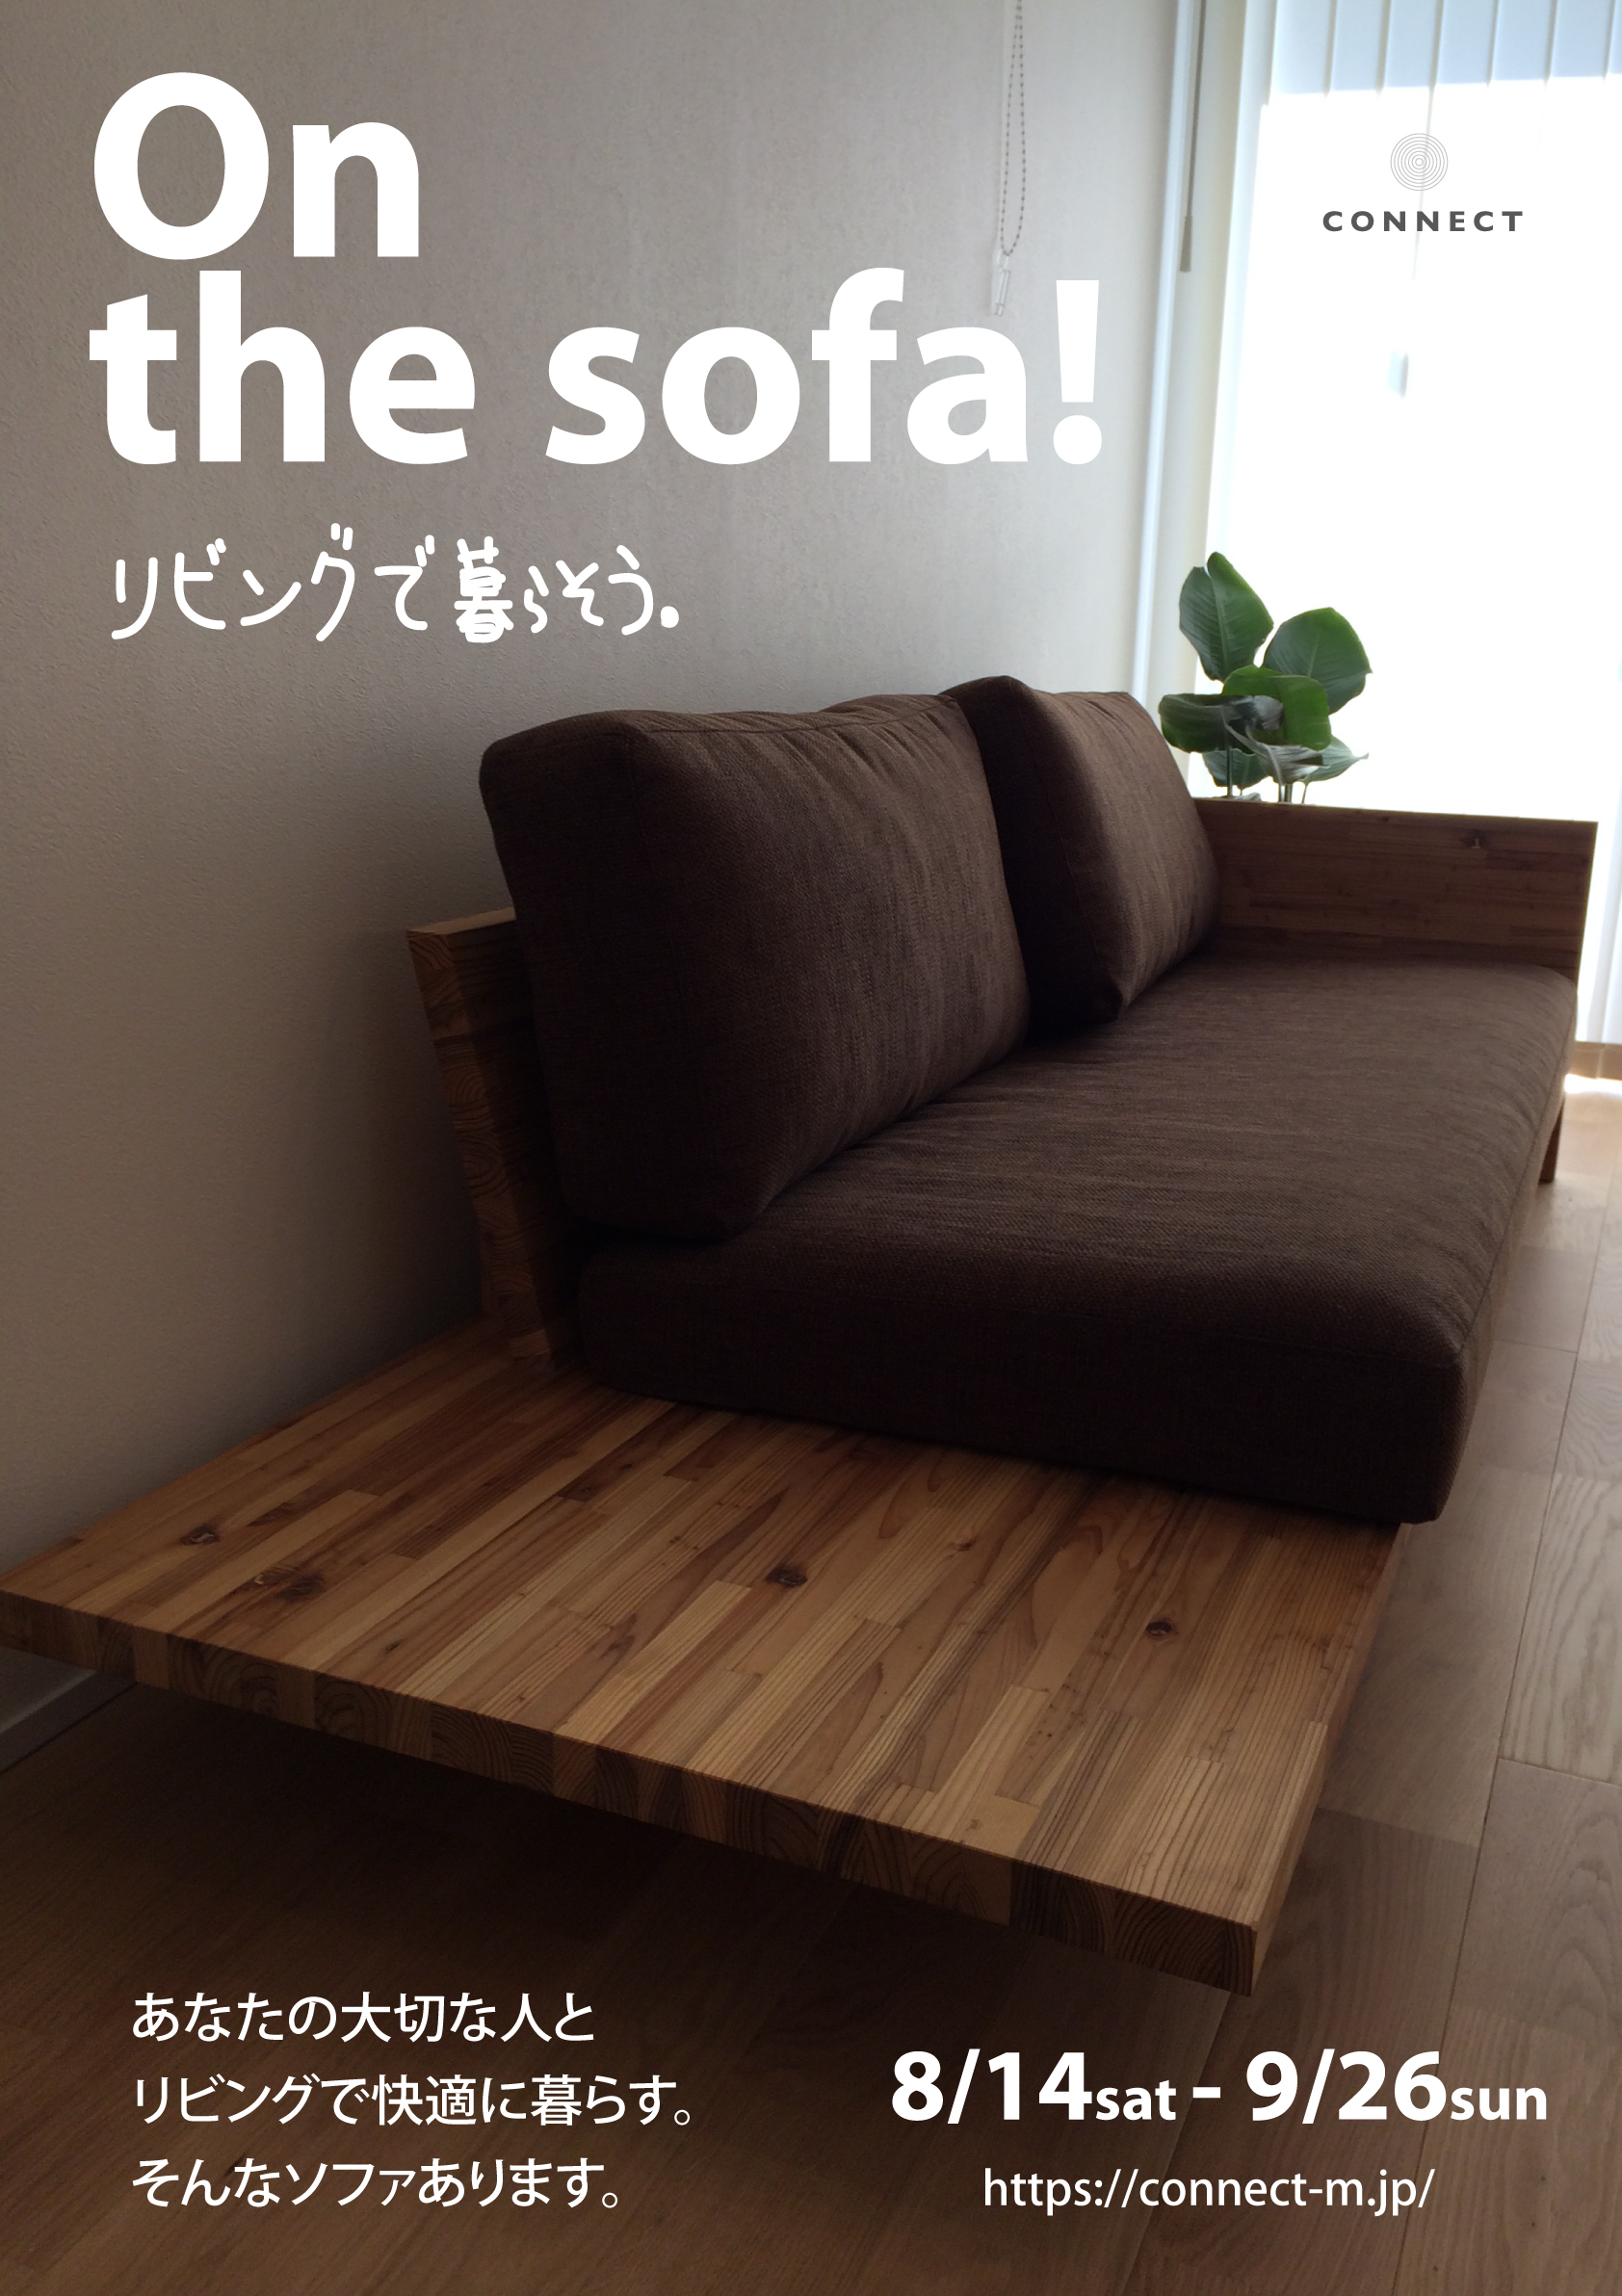 8/14(土)~9/26(日)「On the sofa」リビングで暮らそう